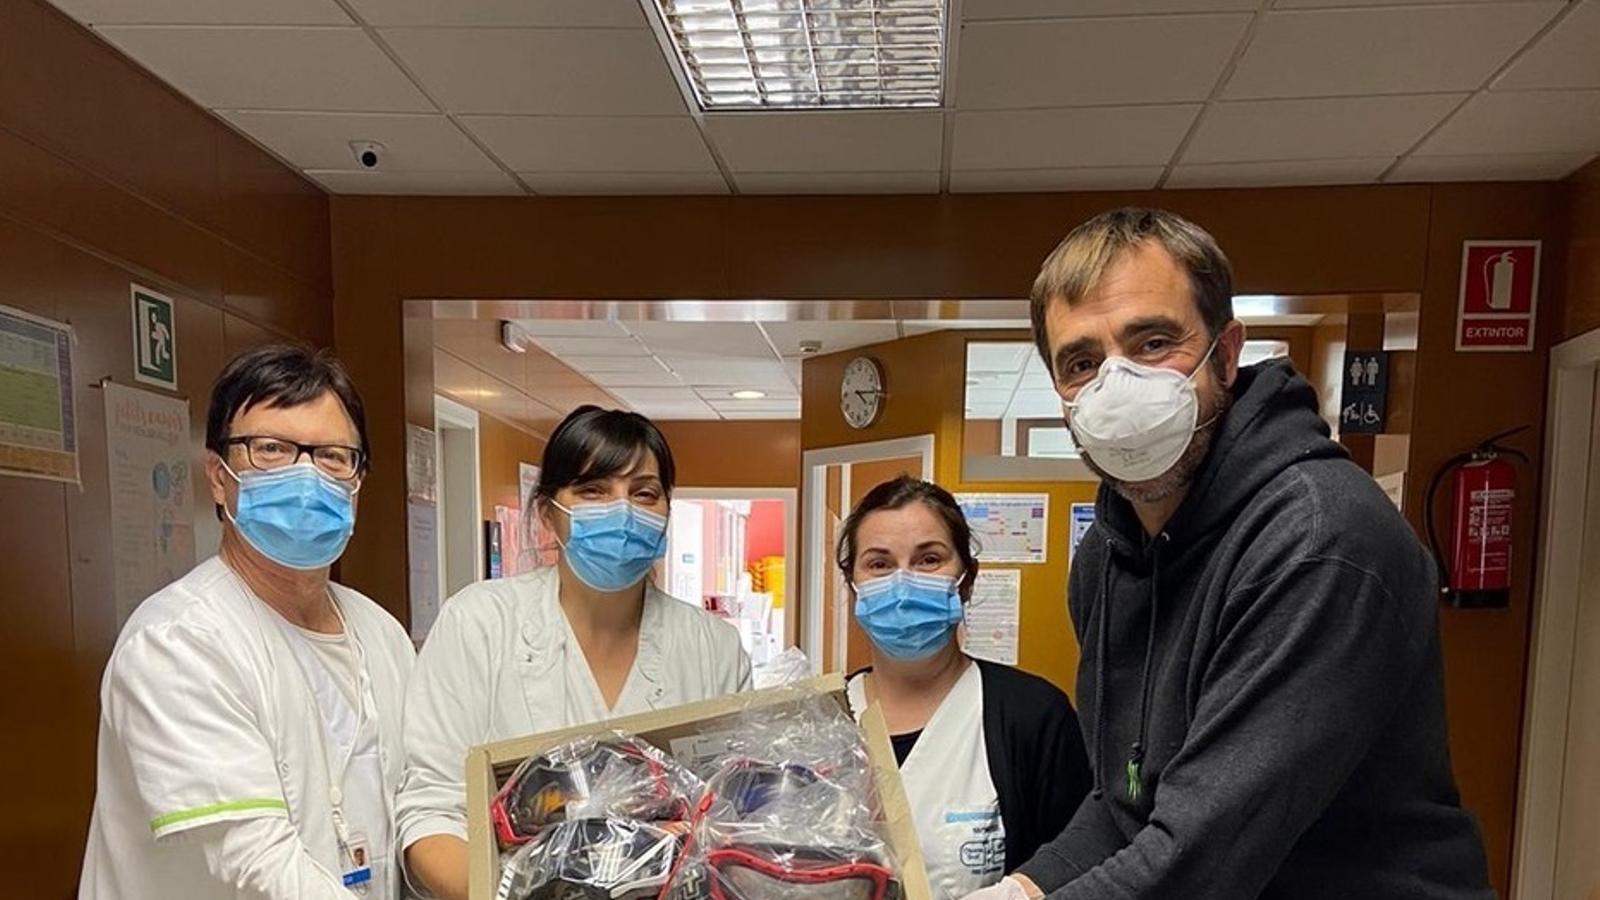 Nani Roma ha liderat una campanya entre els pilots per recollir ulleres pels centres sanitaris, com el Cap d'Hostalets de Balenyà